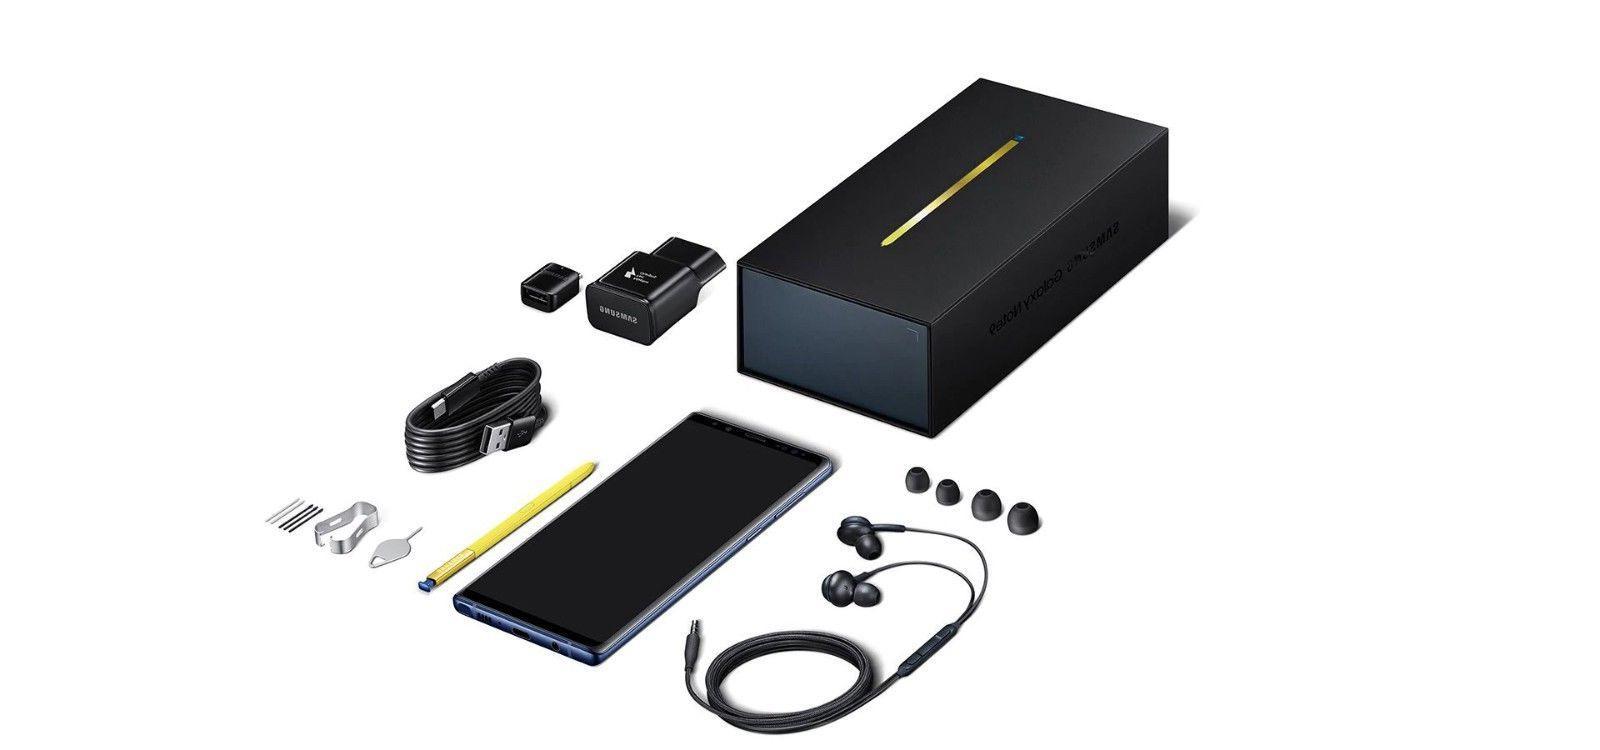 Samsung Galaxy Note 9 SM-N960F/DS DUAL SIM